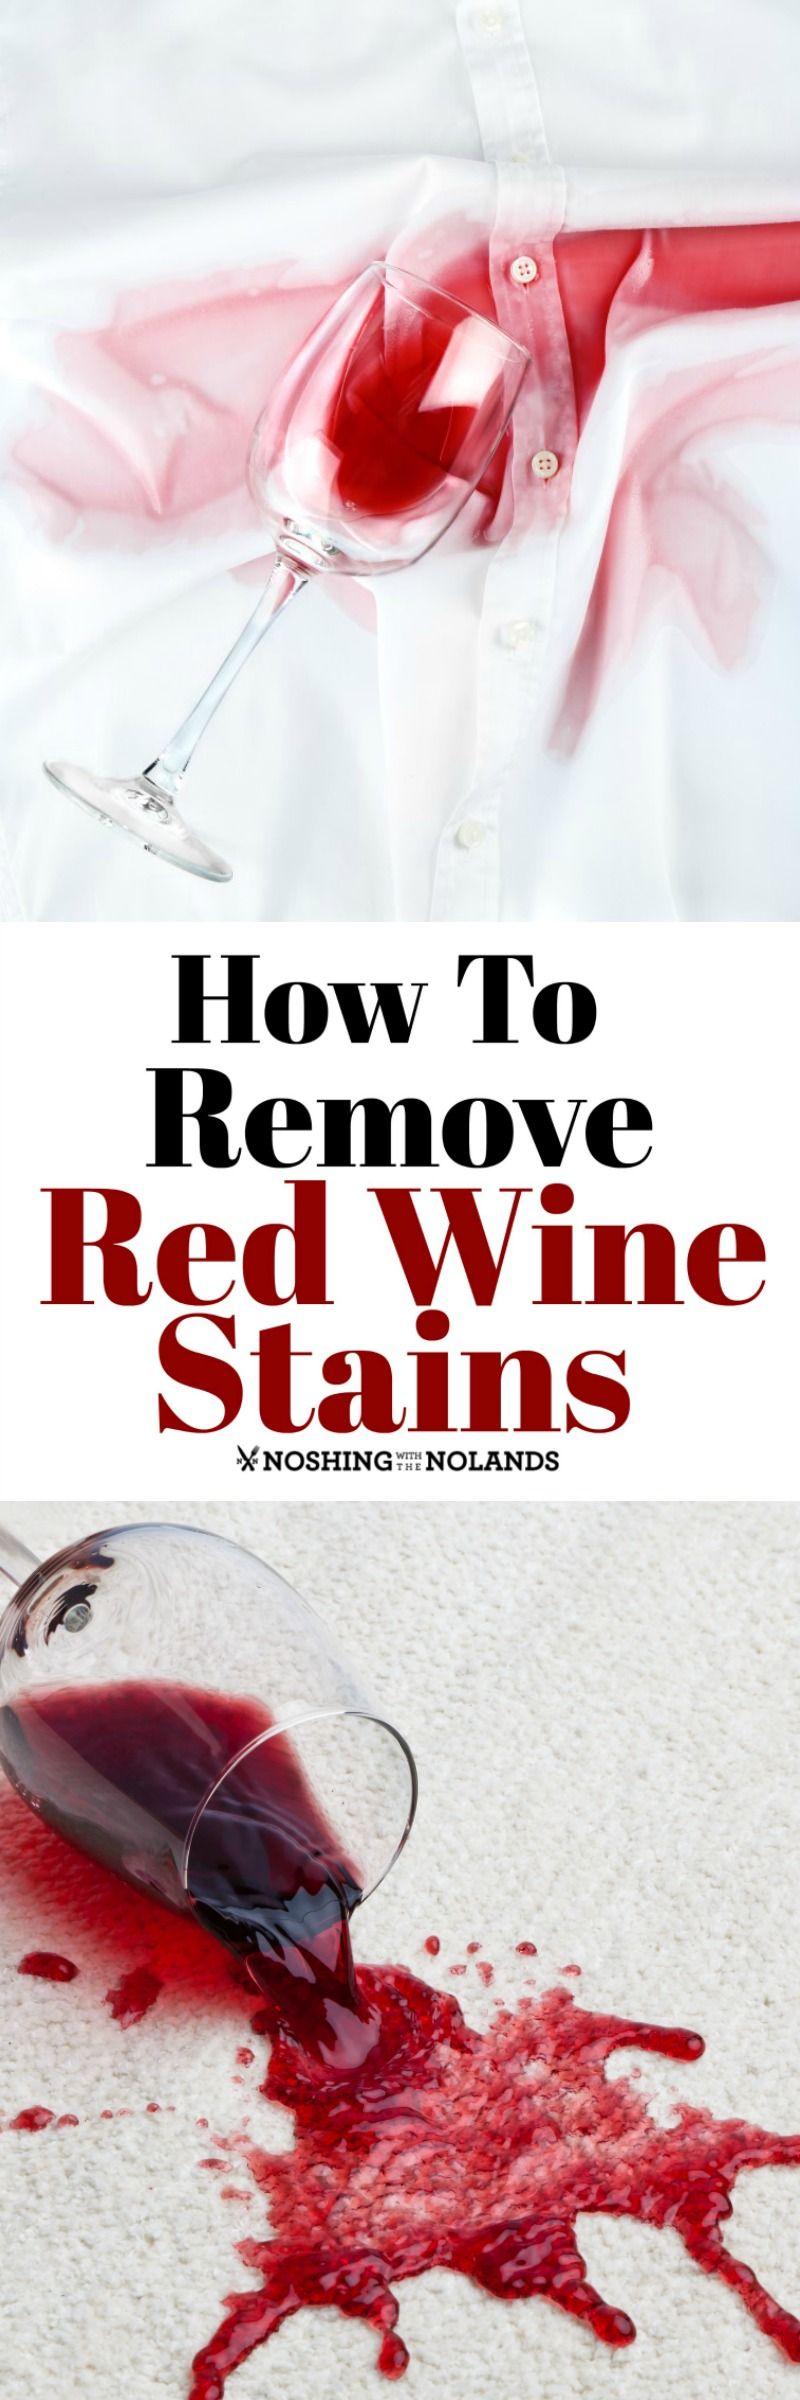 31c0405361adf1e7720f4e35a295b1e2 - How To Get Red Wine Out Of White Blanket